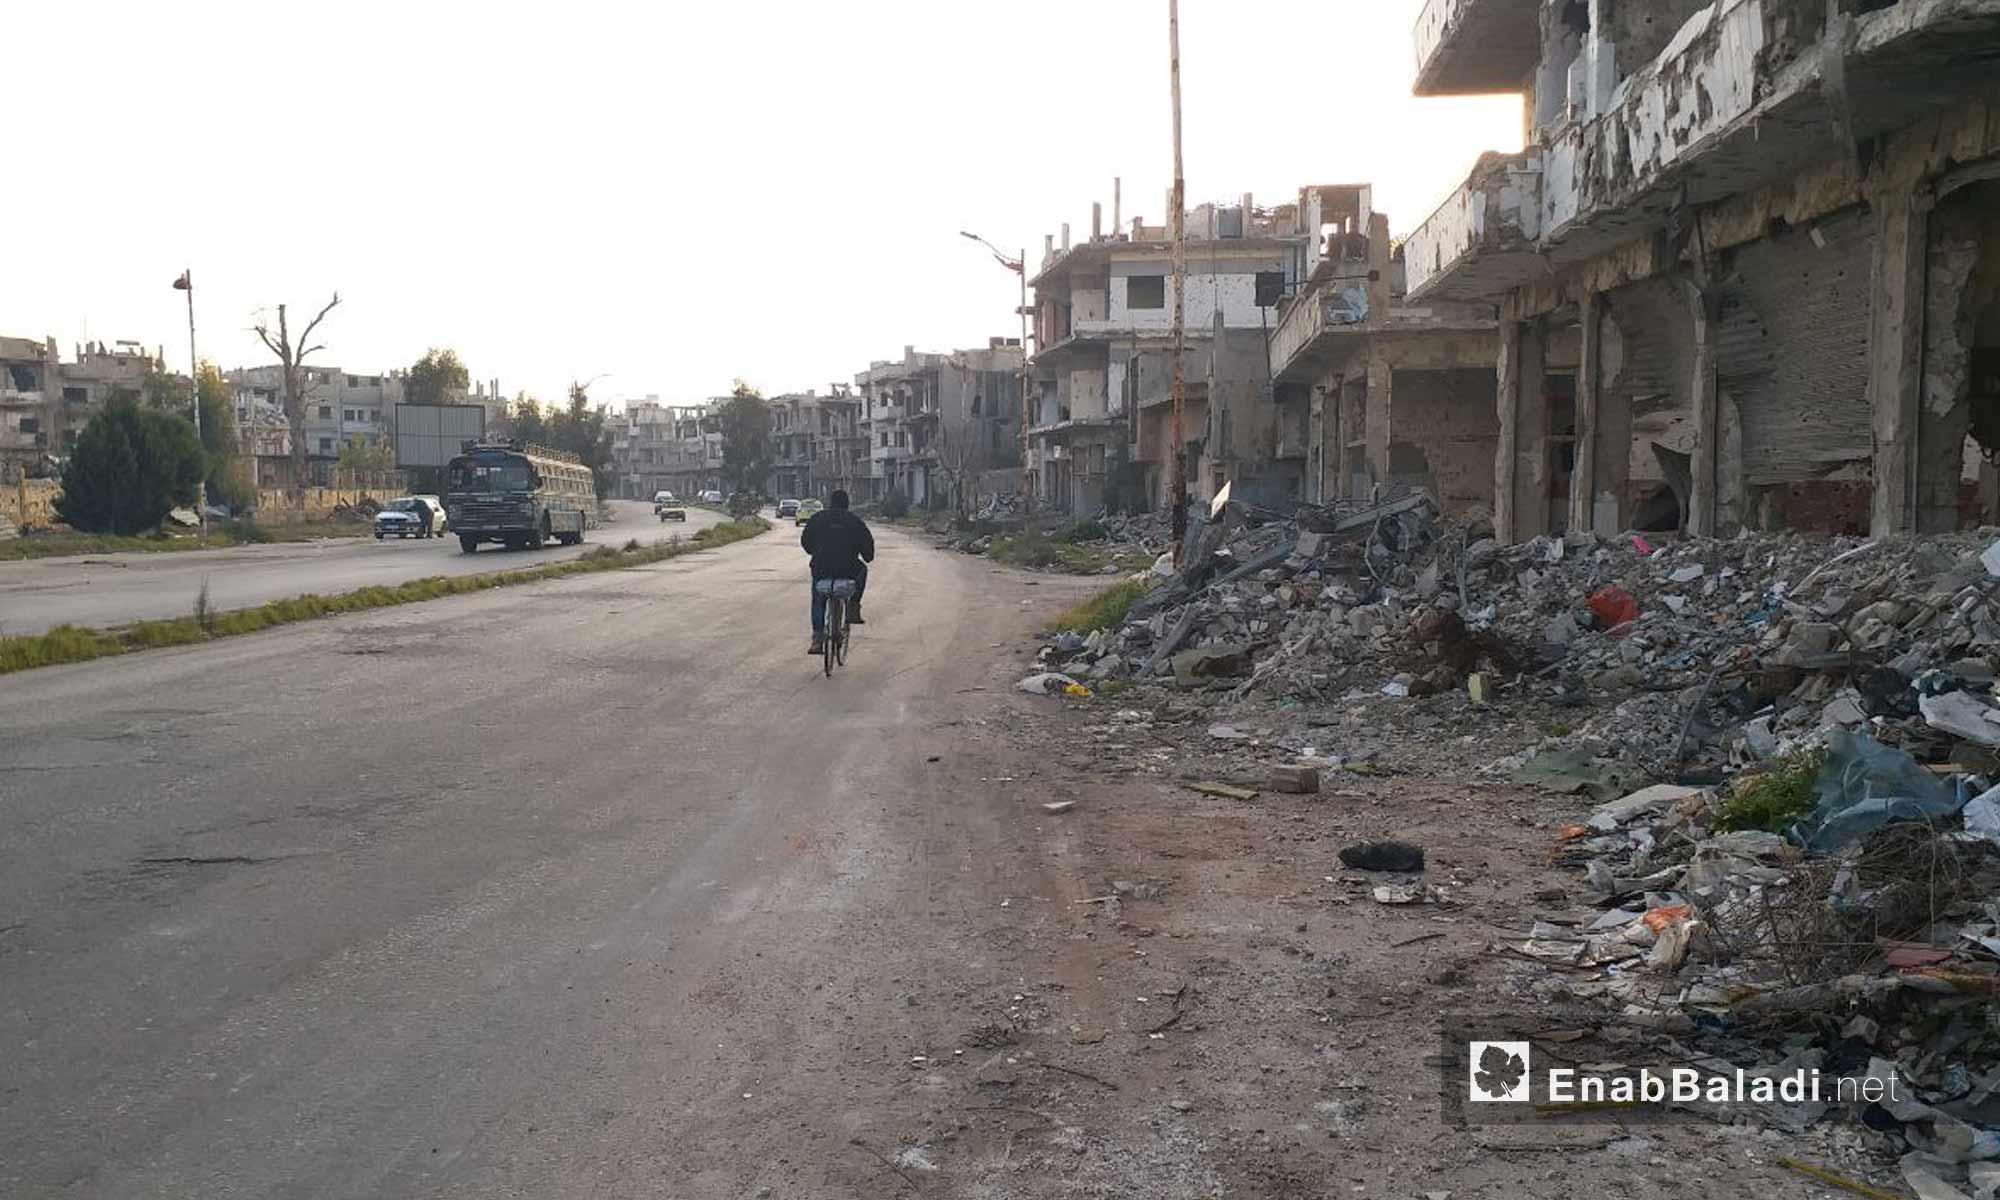 أحياء القصور في مدينة حمص - 24 من كانون الثاني 2019 (عنب بلدي)